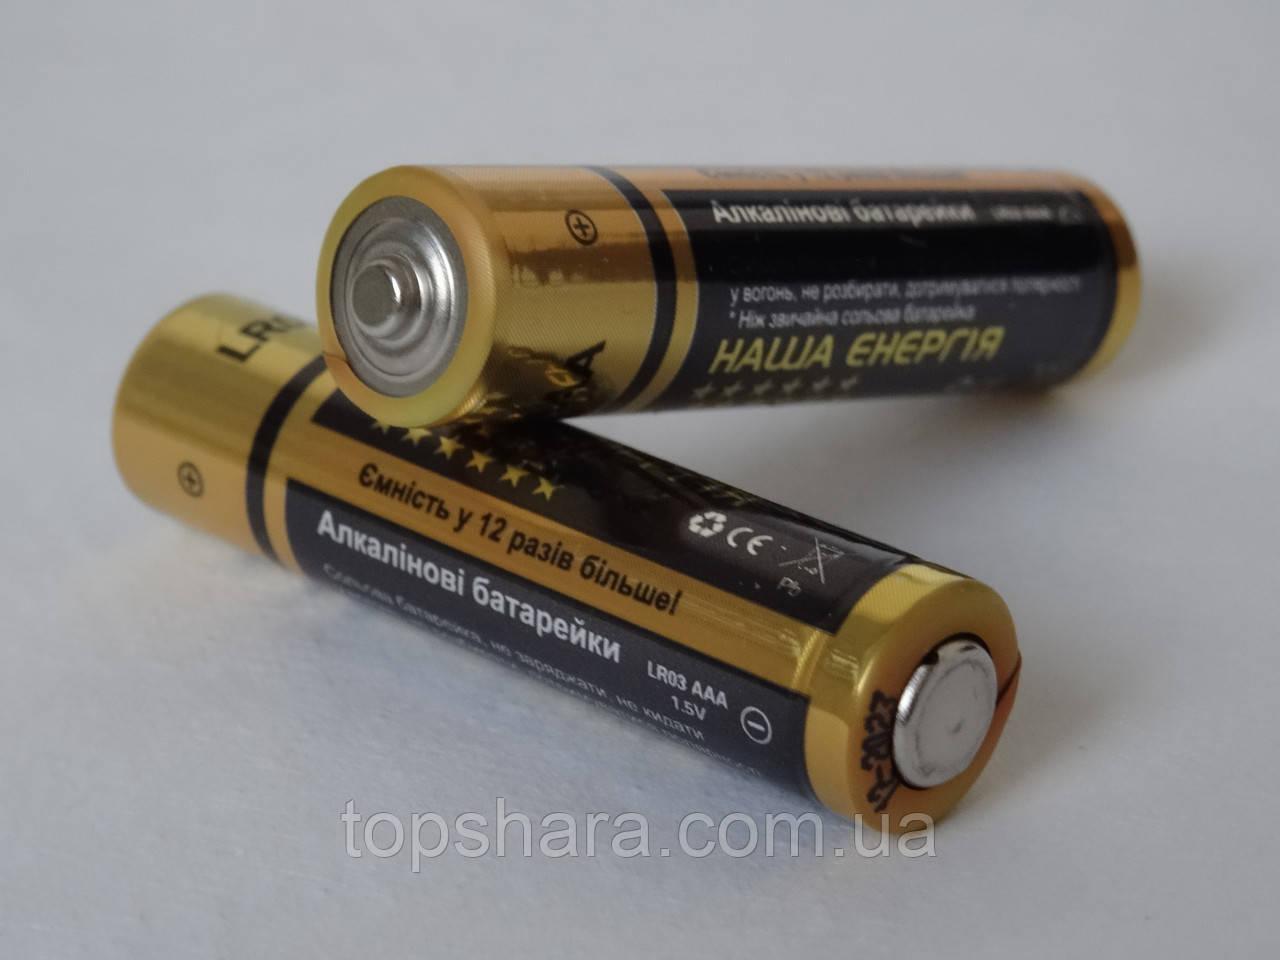 Батарейка алкалаин Наша Энергия щелочная ААА R03 Gold